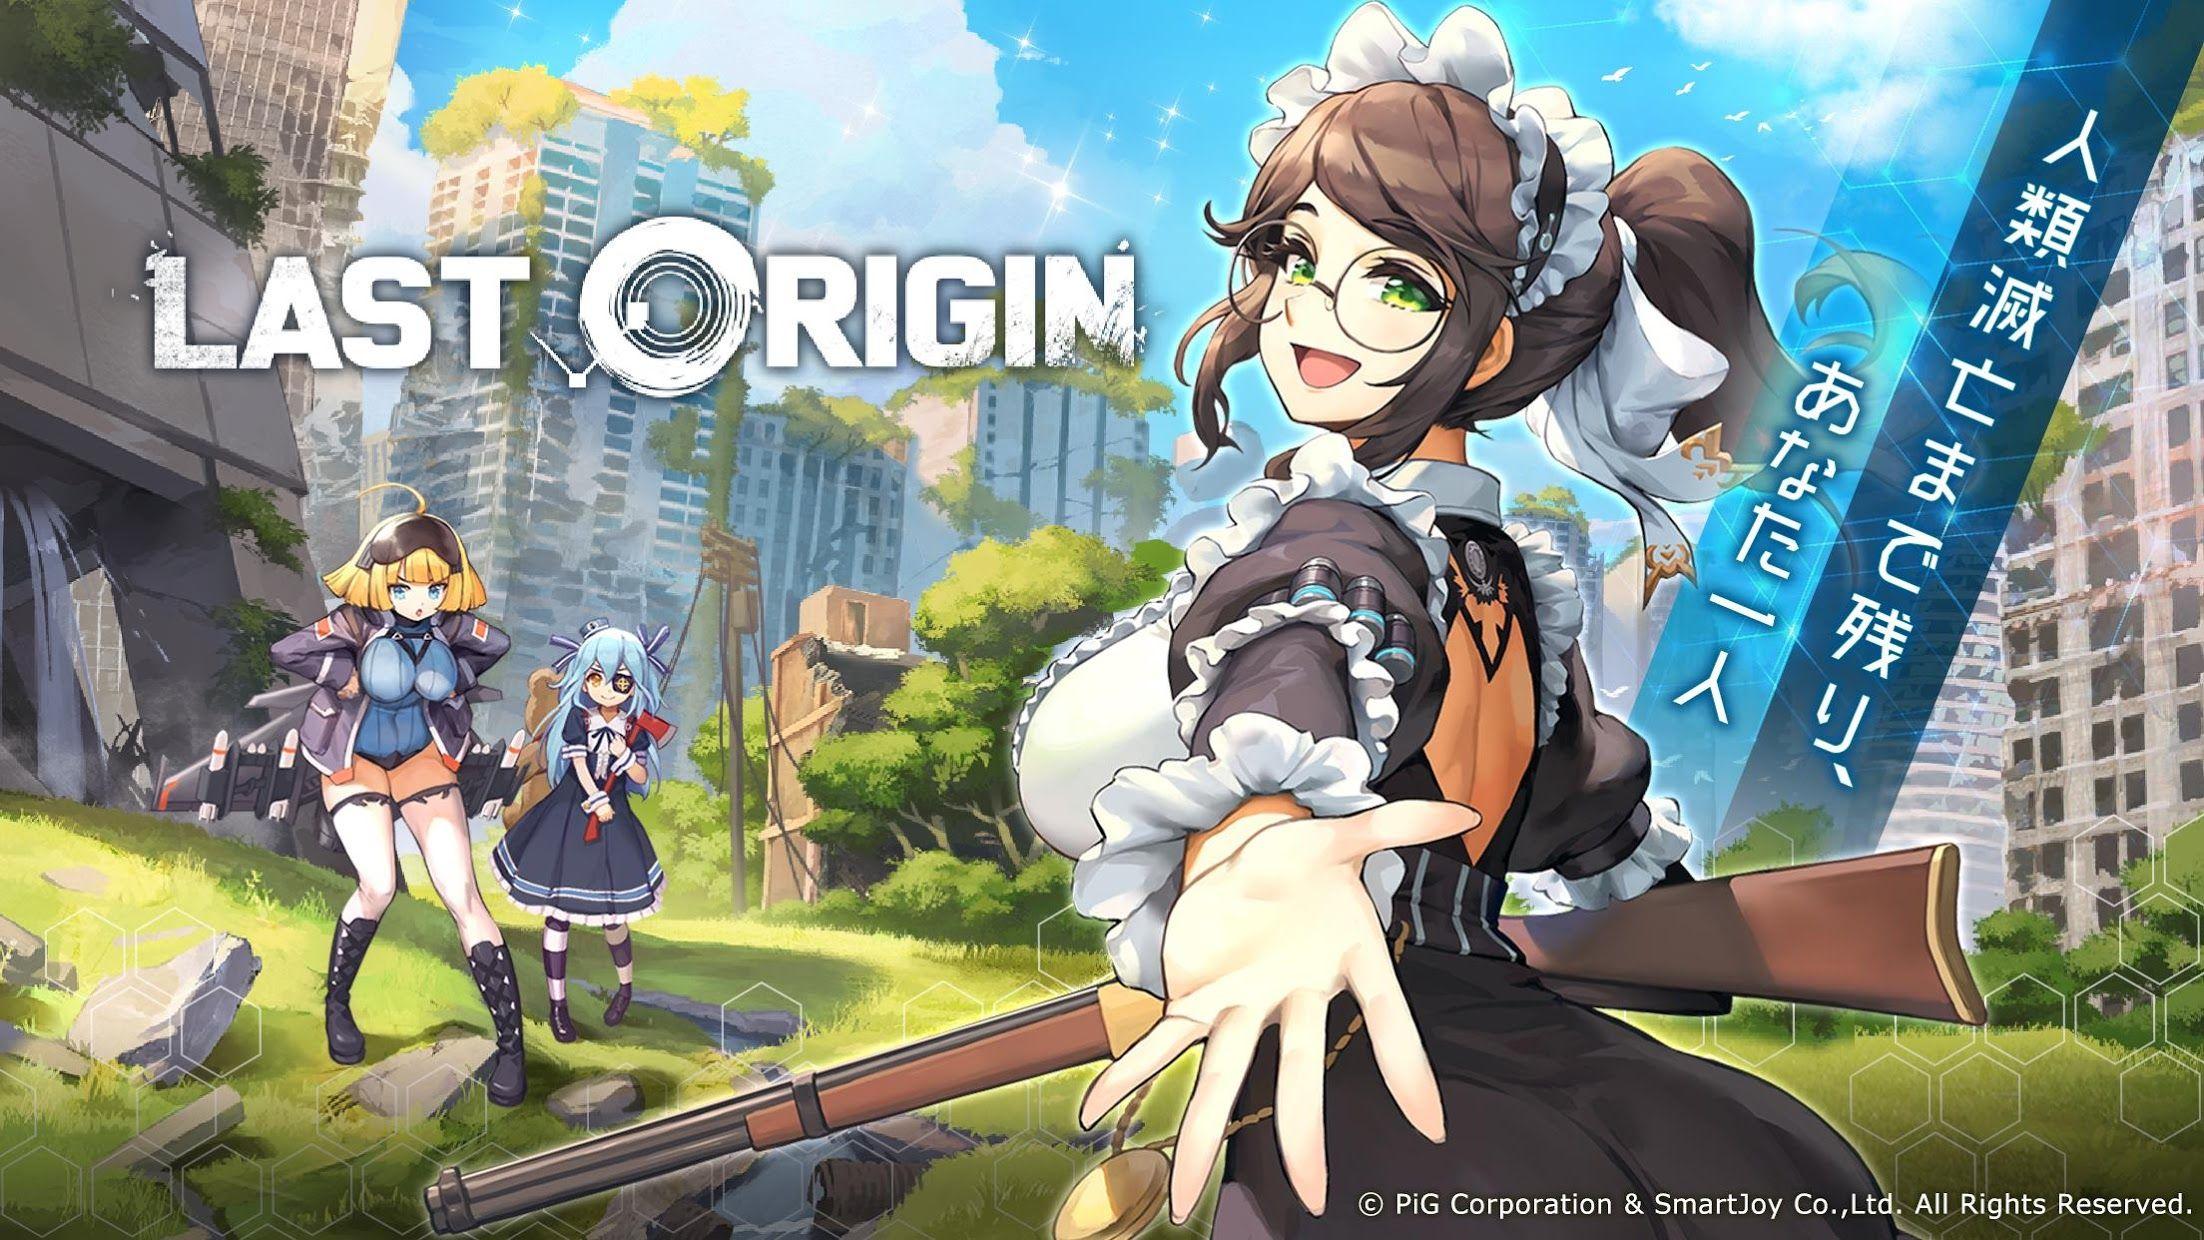 最后的起源(日服 Last Origin) 游戏截图1